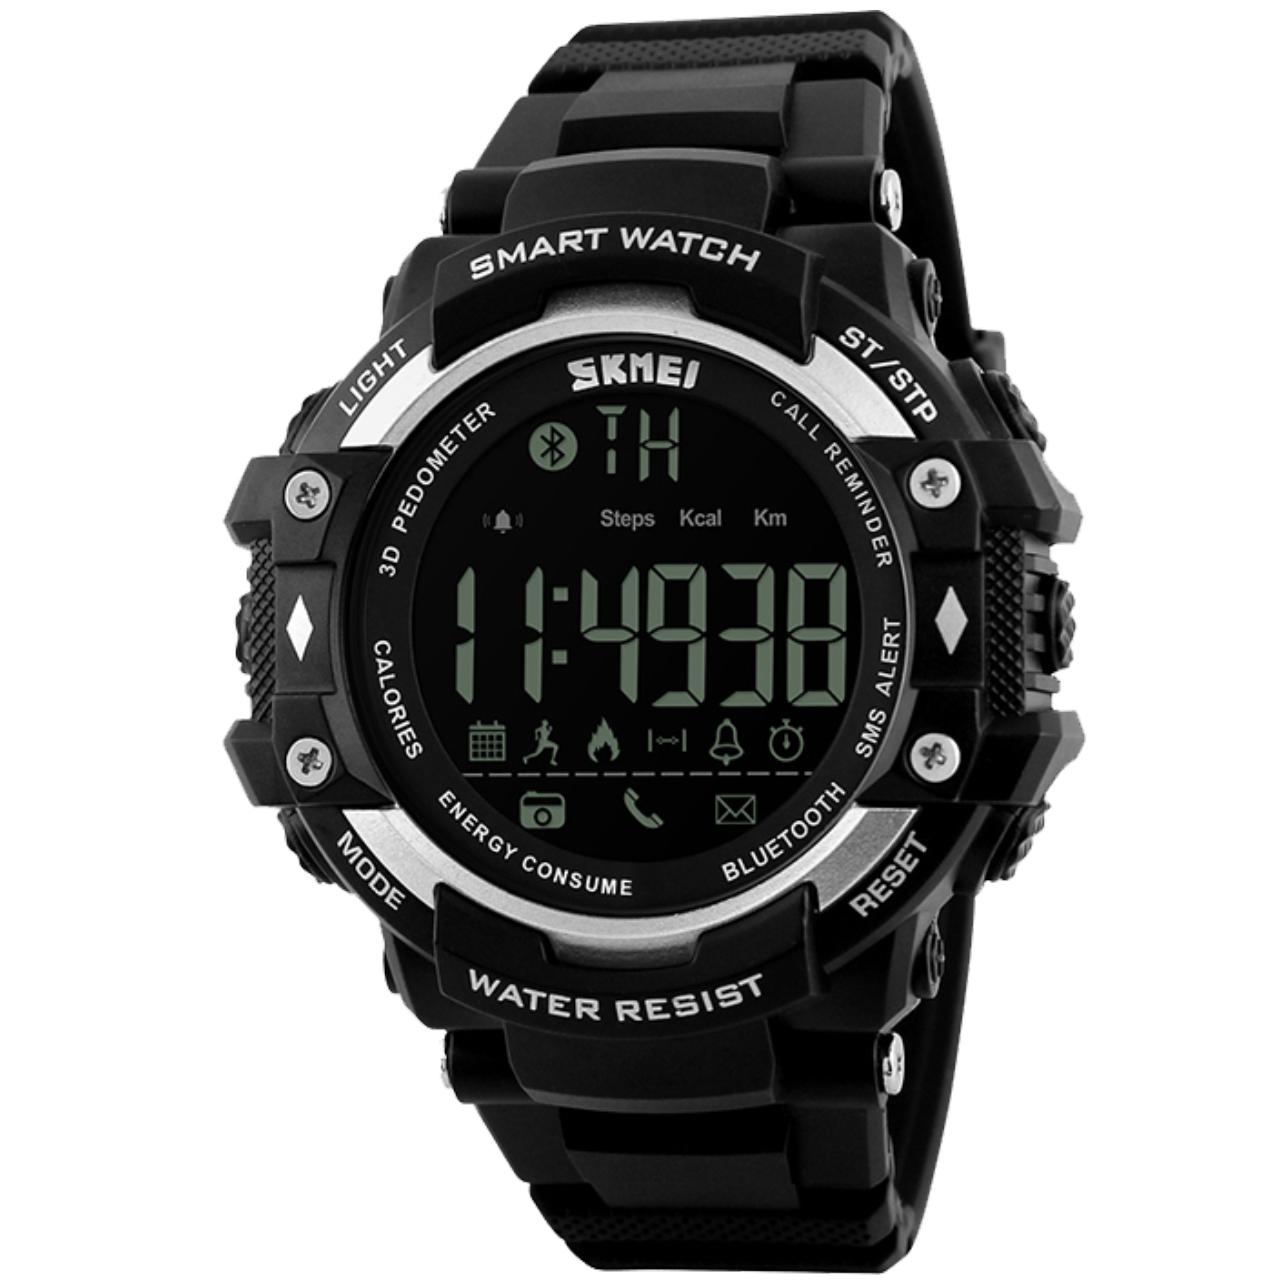 بررسی و {خرید با تخفیف}                                     ساعت هوشمند اسکمی مدل 1226                             اصل